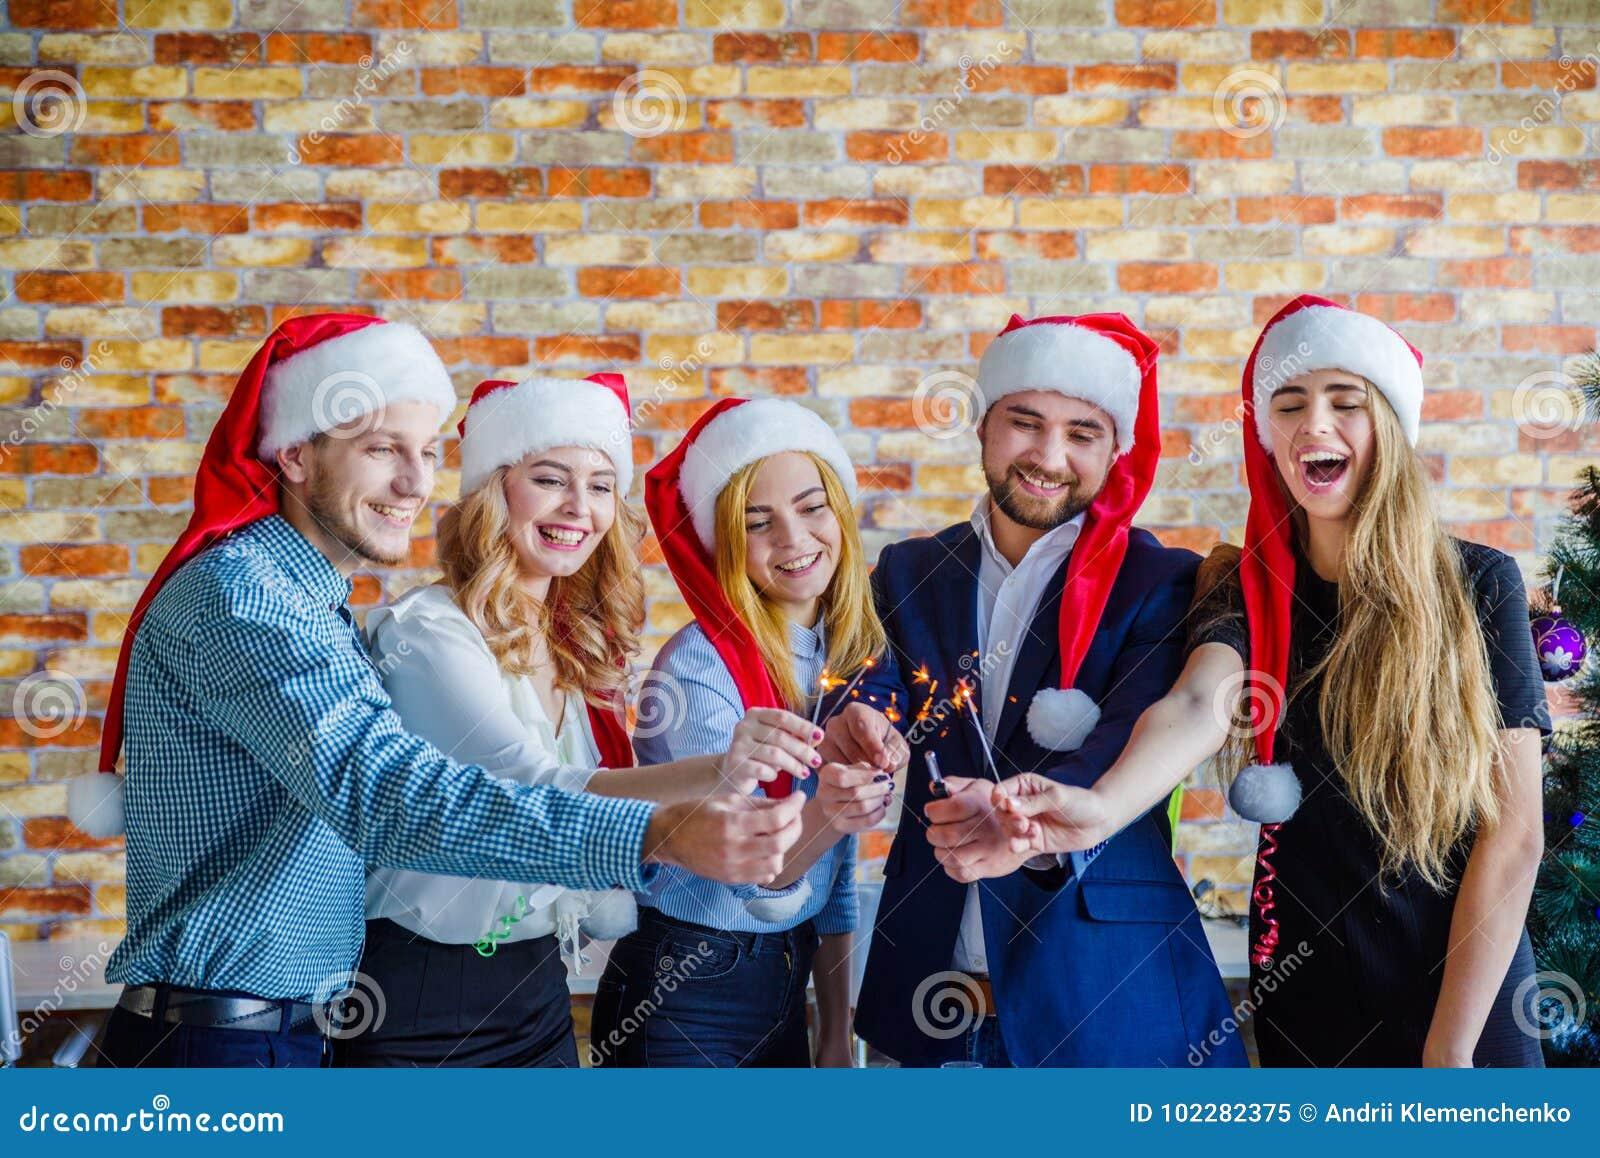 Επιχειρησιακοί συνάδελφοι στη γιορτή Χριστουγέννων γραφείων χρυσή ιδιοκτησία βασικών πλήκτρων επιχειρησιακής έννοιας που φθάνει σ